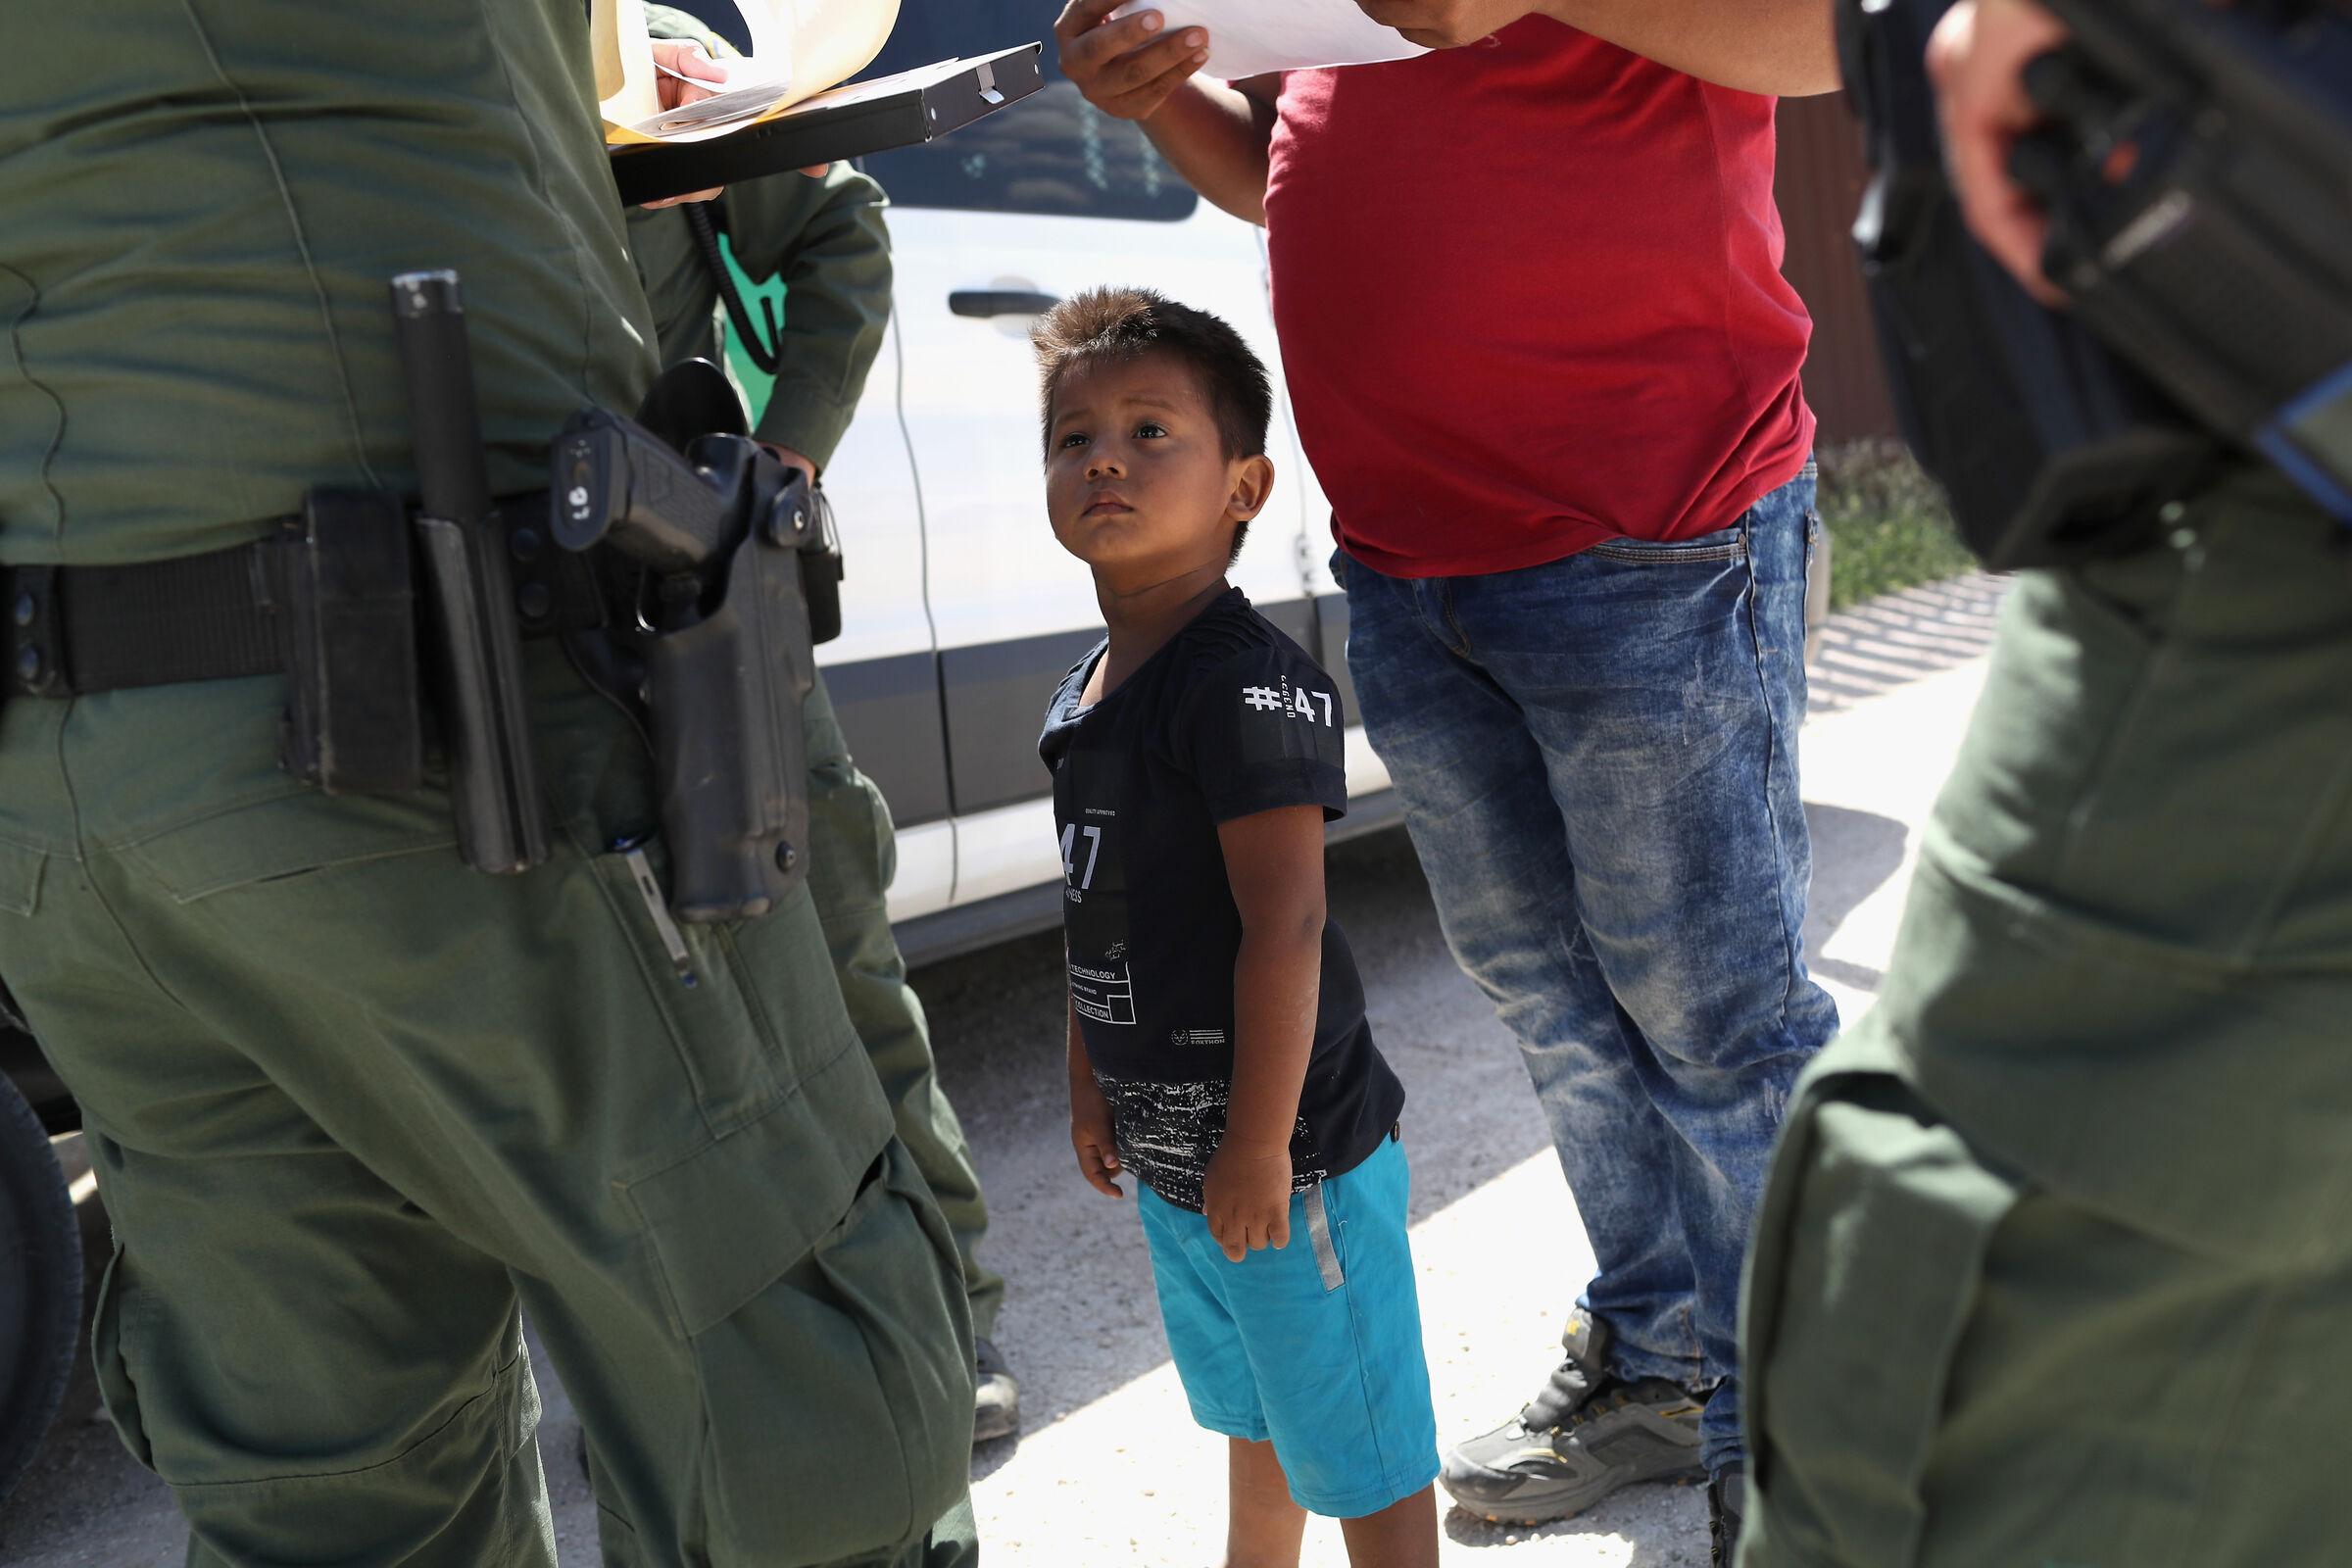 Crianças separadas dos pais nos EUA - imigração ilegal